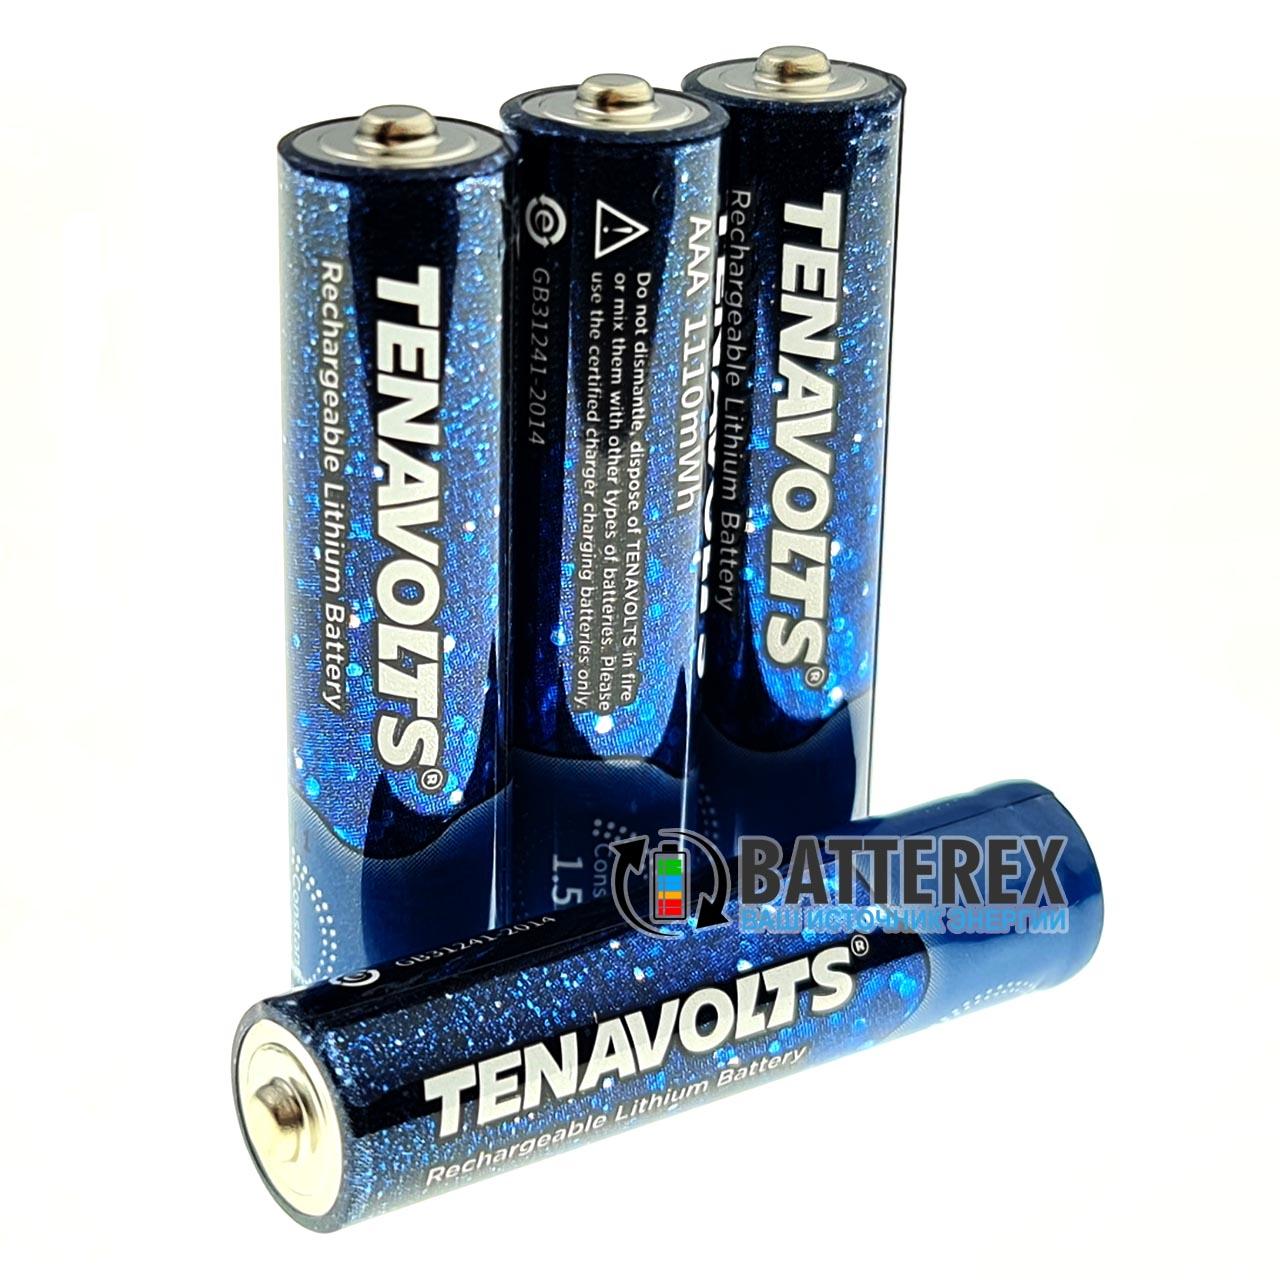 Аккумулятор ААА литий-ионный 1,5V Tenavolts 1110mWh 740mah